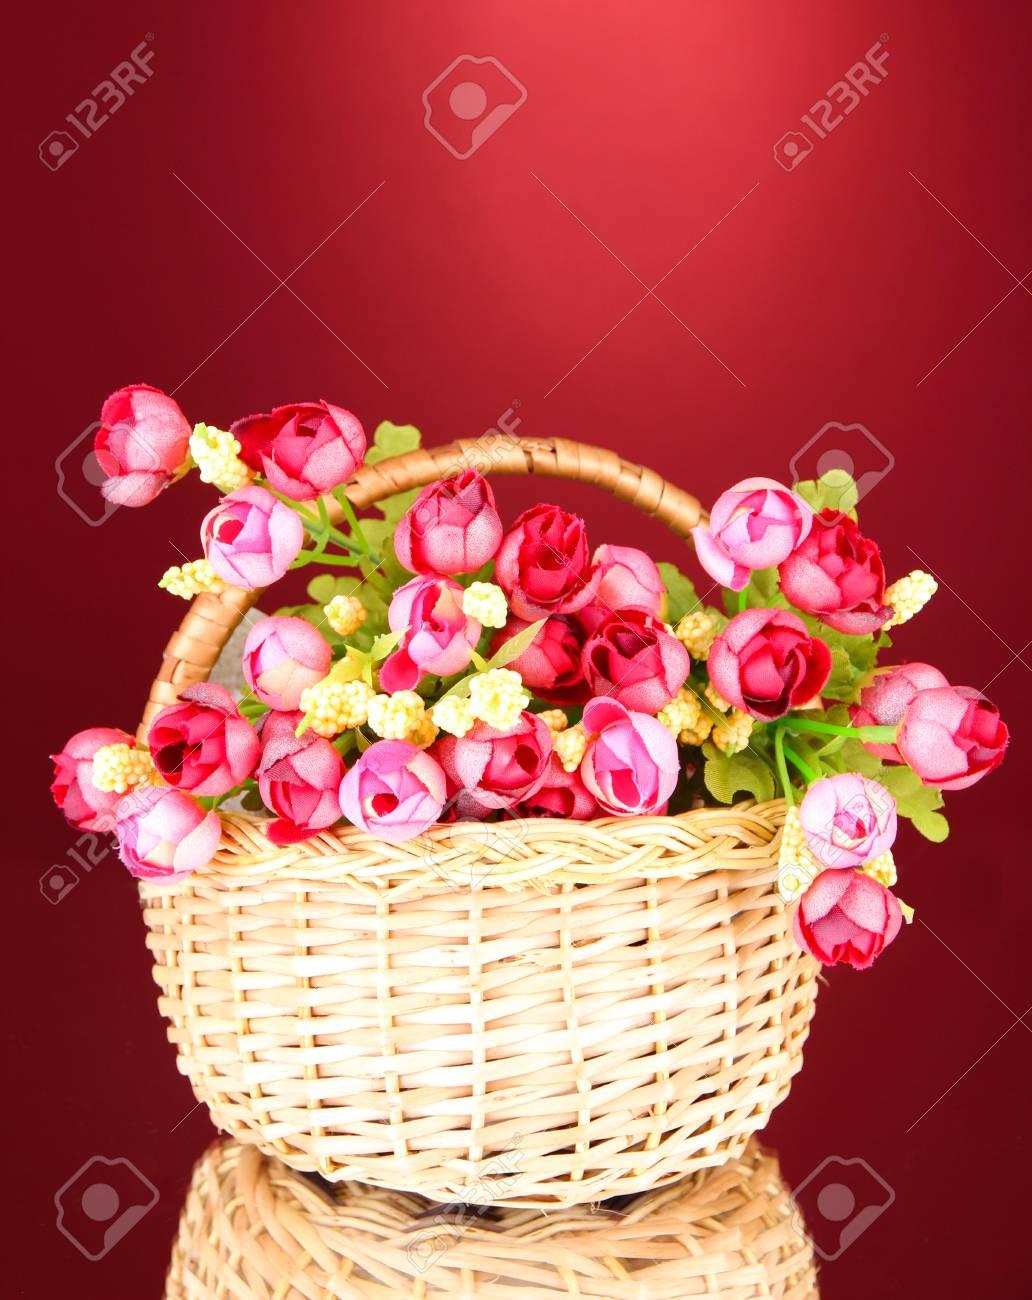 Bouquet Of Beautiful Artificial Flowers In Wicker Basket On Stock